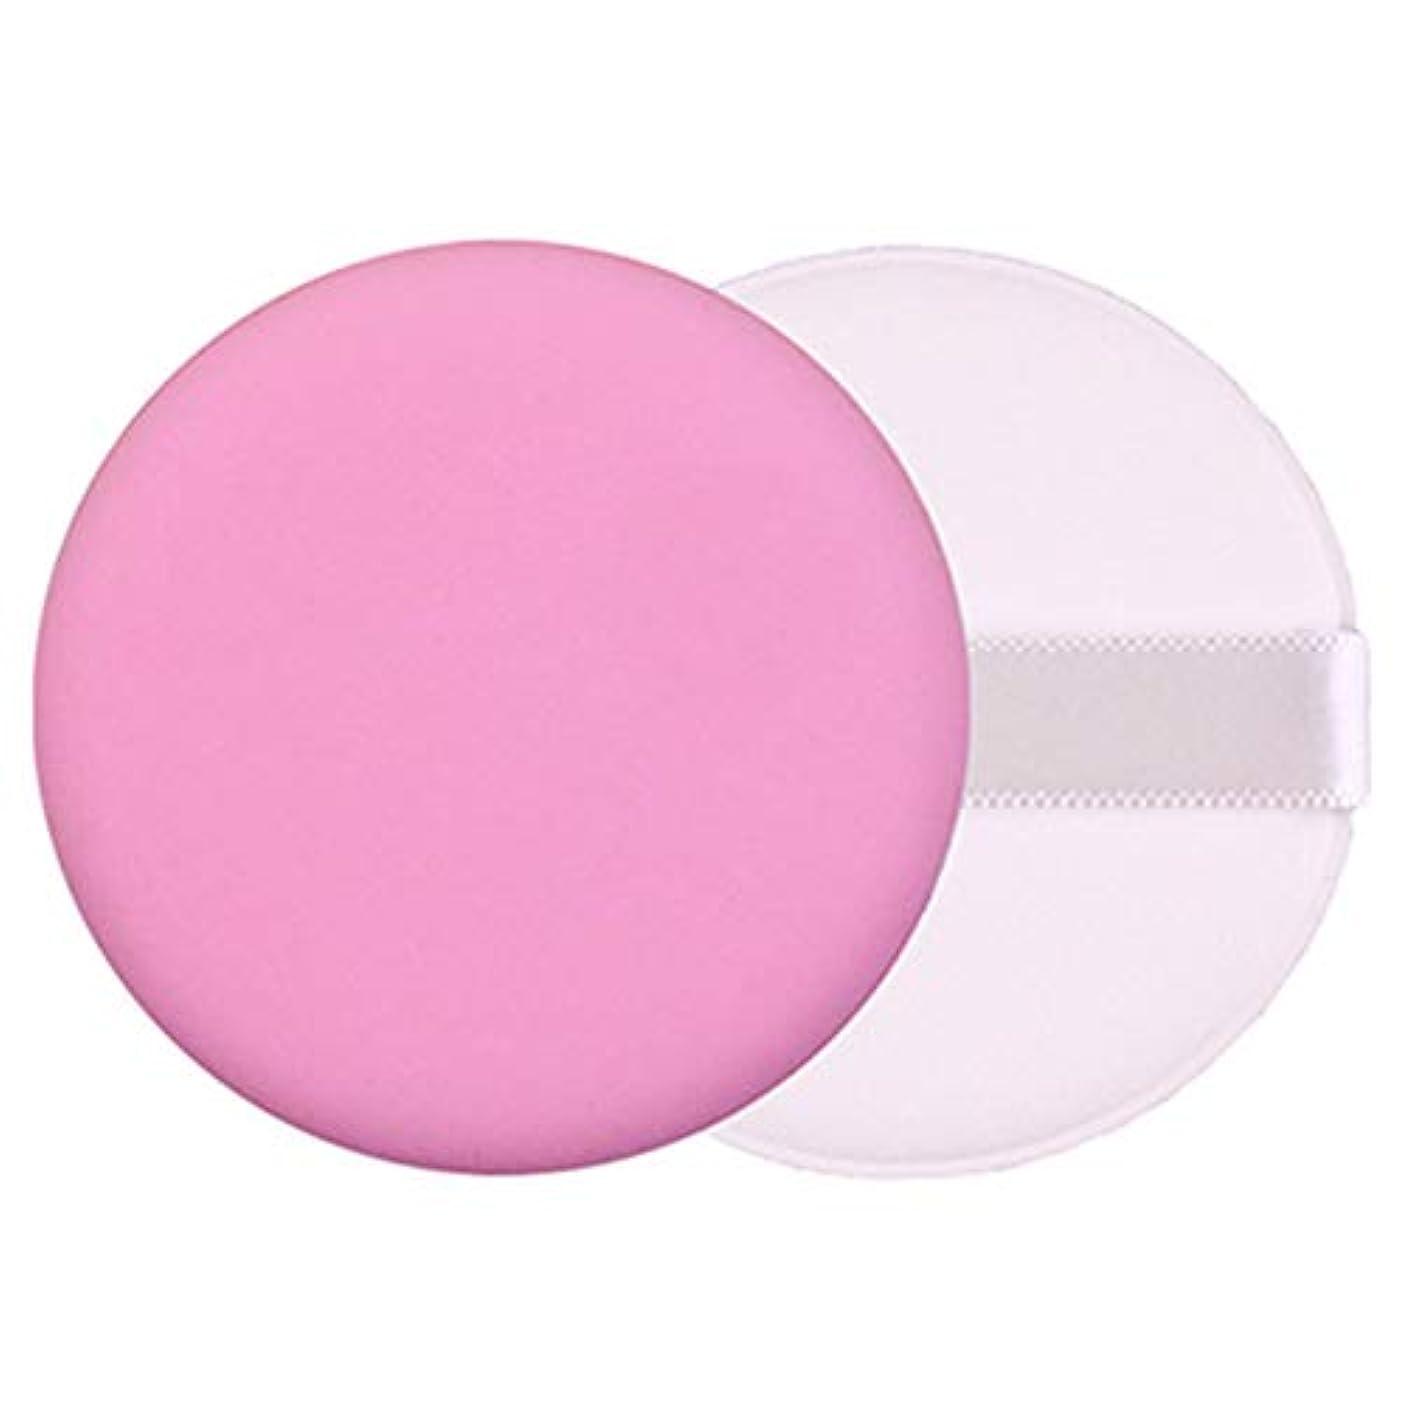 オセアニア成功したエンコミウムエアクッションパフ 2個 クリーム アプリケーター スポンジ パフ フェイシャル 乾湿両用 多用途 パウダーパフパッド クッションファンデーション 化粧ツール 全4色